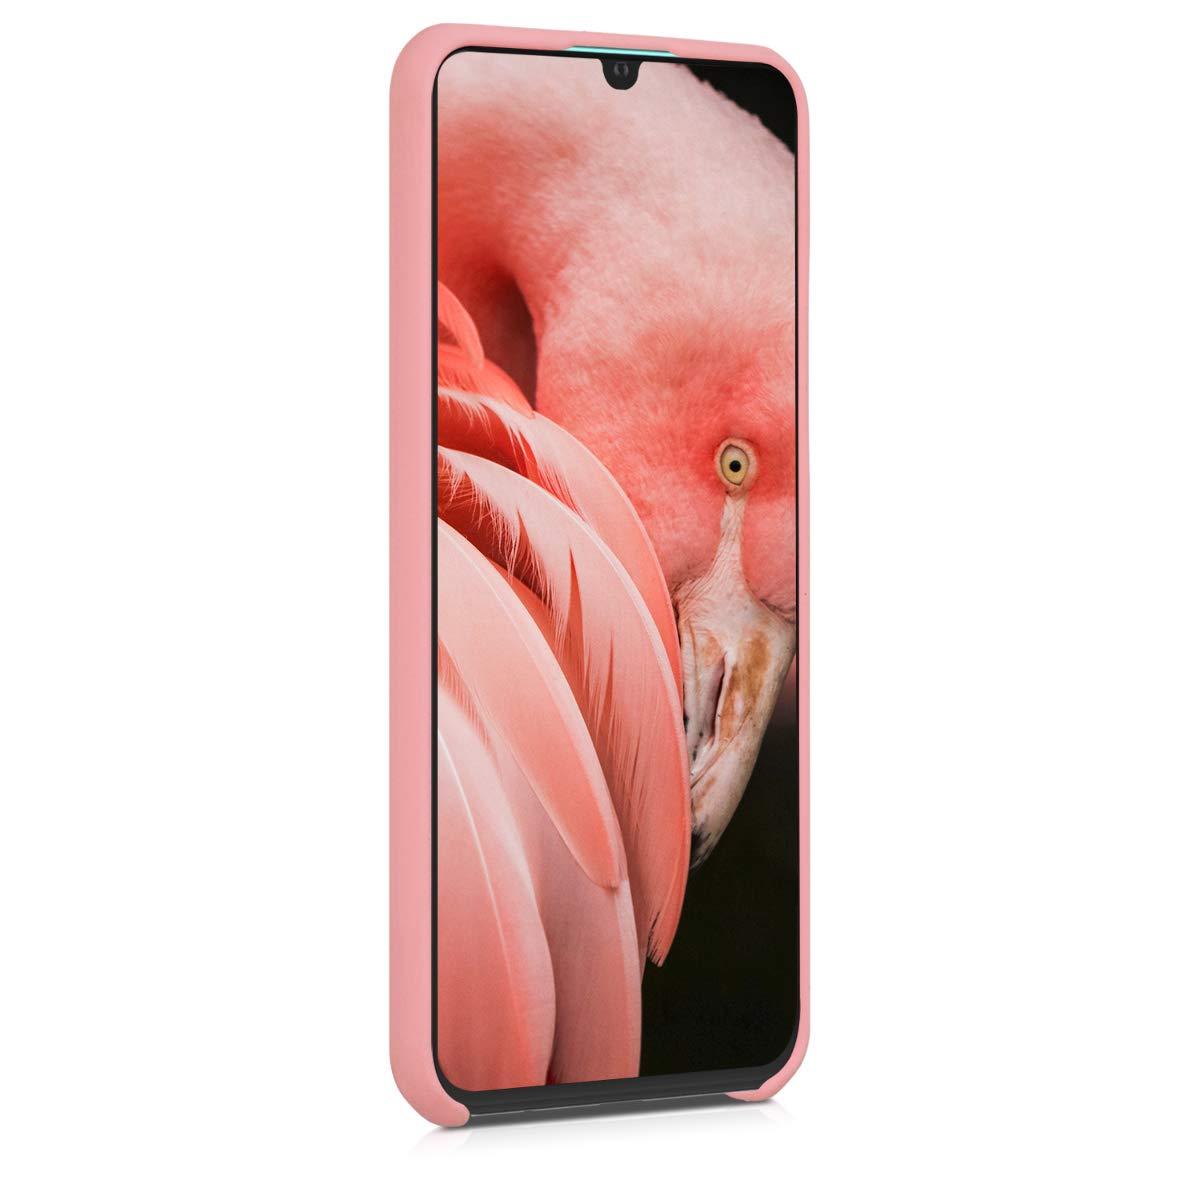 Housse de t/él/éphone en Silicone Or Rose m/étallique Coque pour Huawei P30 Lite kwmobile Coque Huawei P30 Lite